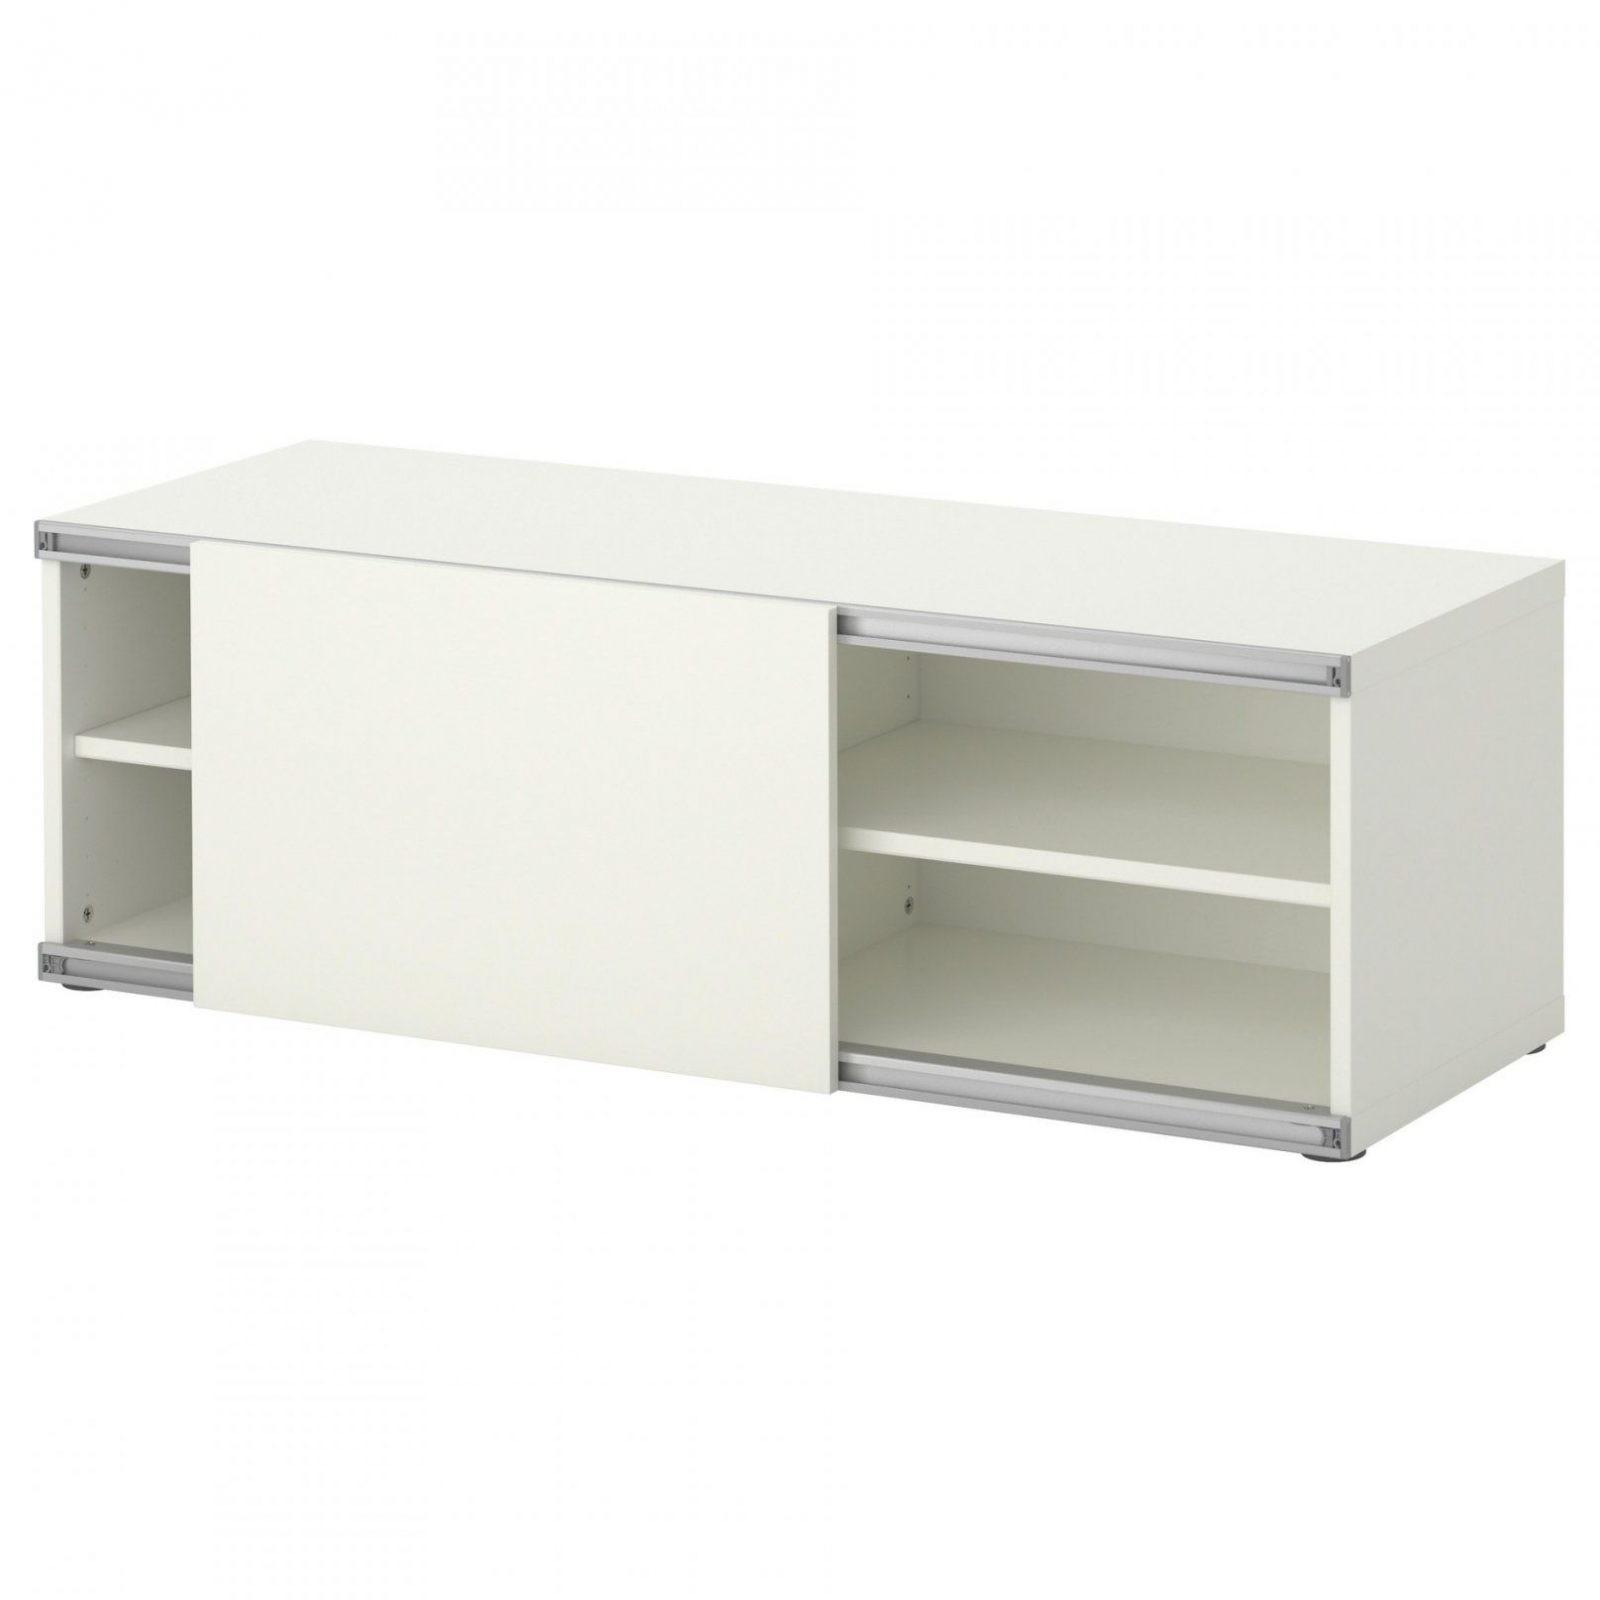 Herrlich Bestå Aufbewahrung Mit Schiebetür Ikea Ikea Für Kommode von Sideboard Mit Schiebetüren Ikea Photo